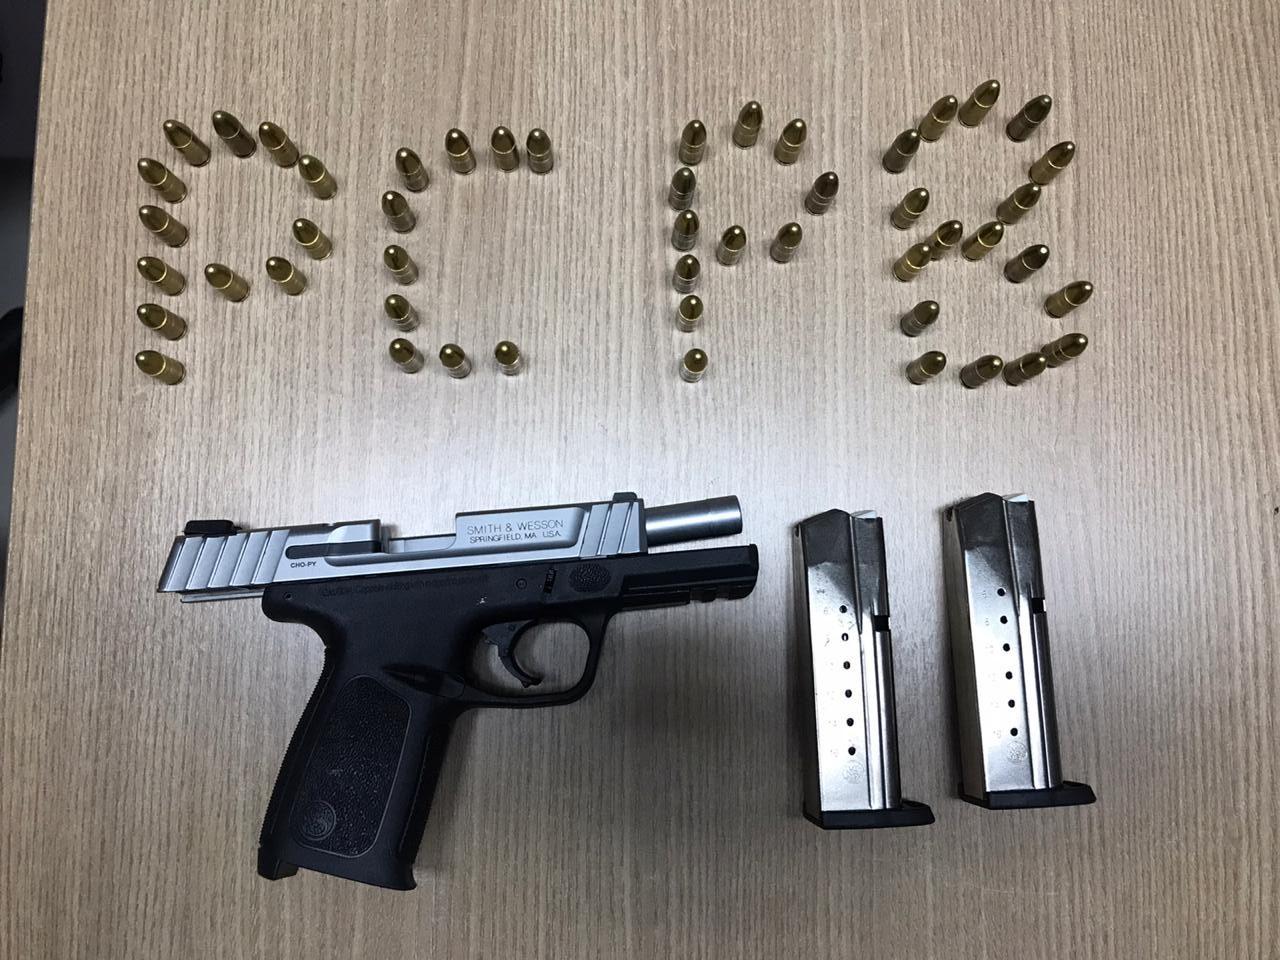 WhatsApp Image 2020 05 23 at 21.06.23 e1590325011236 - Polícia Civil da Paraíba prende em João Pessoa líder de facção criminosa, da Bahia